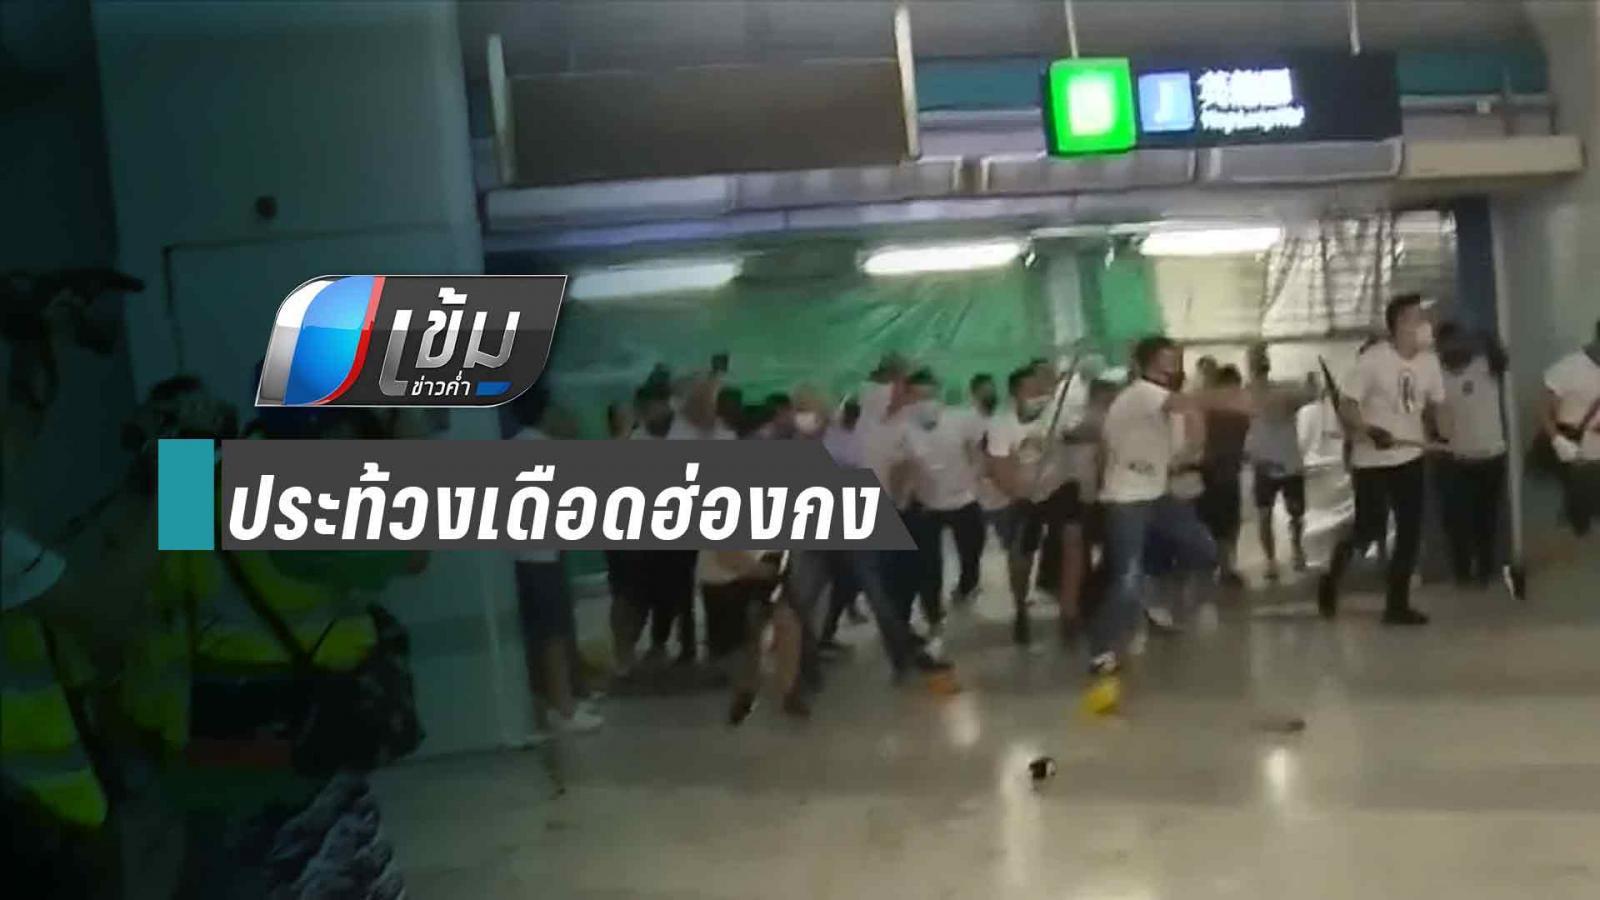 ผู้ประท้วงต้านกม.ส่งผู้ร้ายข้ามแดนบุกสนามบินฮ่องกง